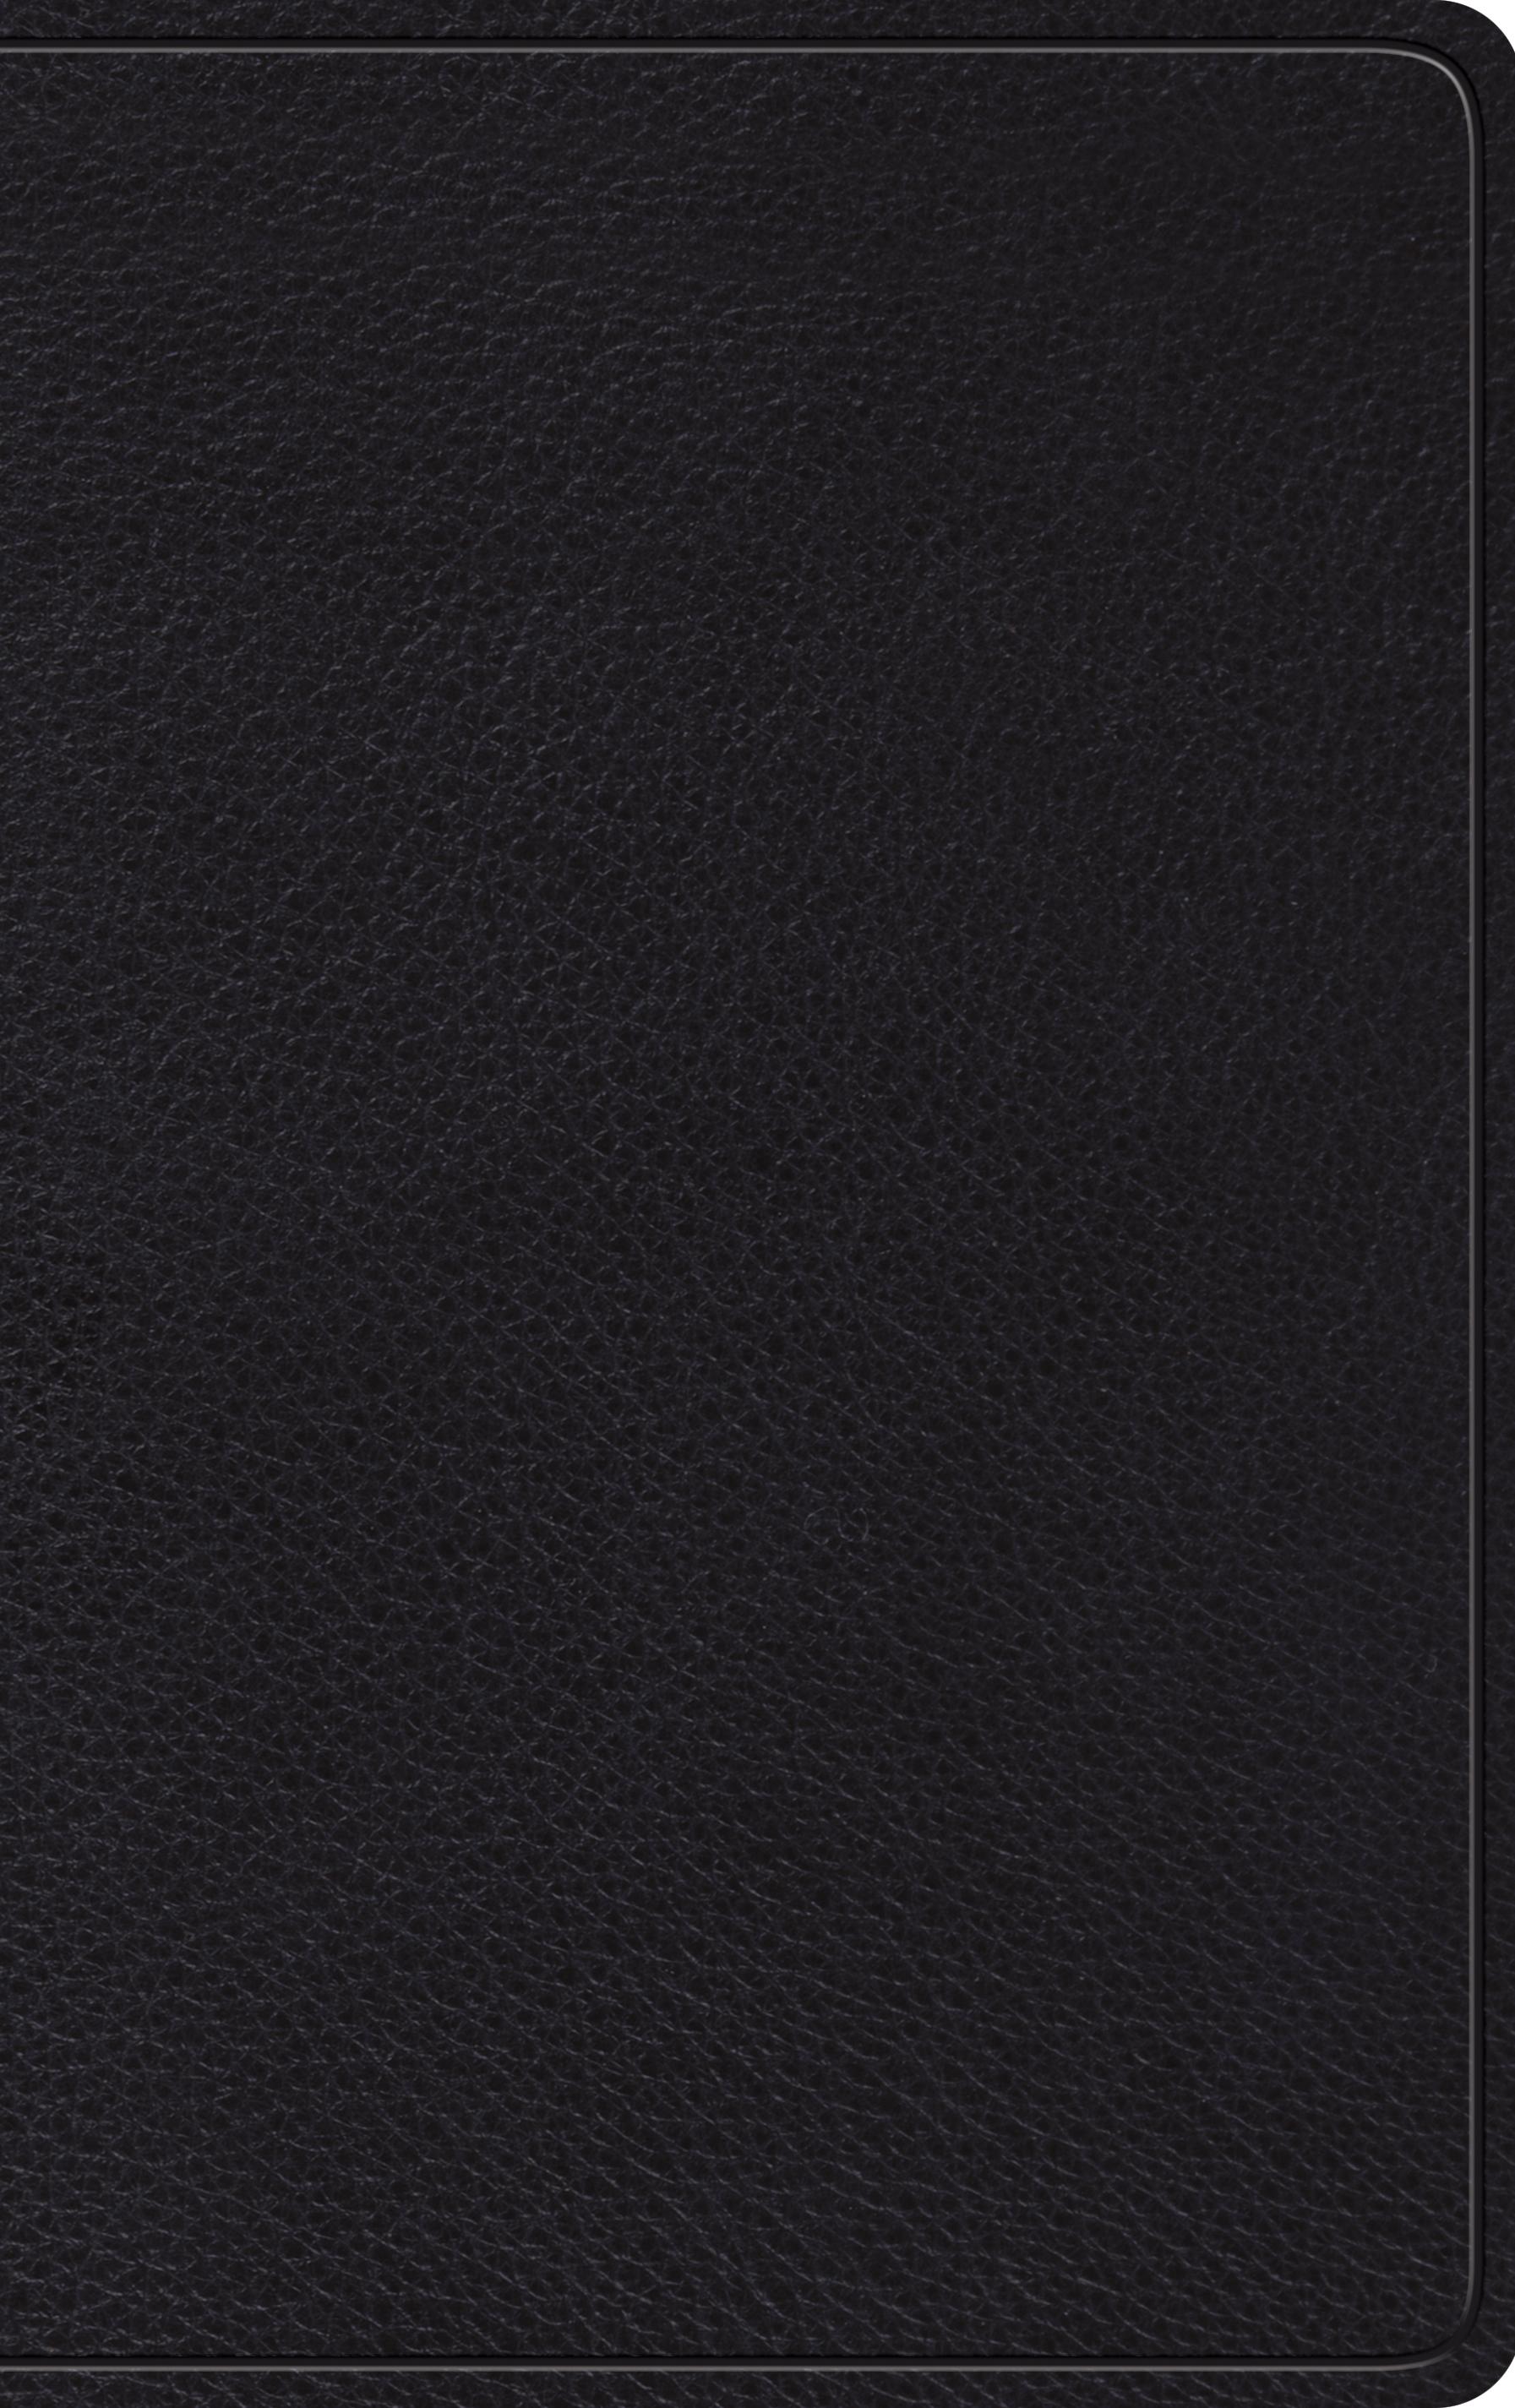 Esv Thinline Bible Black Leather Colour Maps Concordance Ribbons 9781433565519